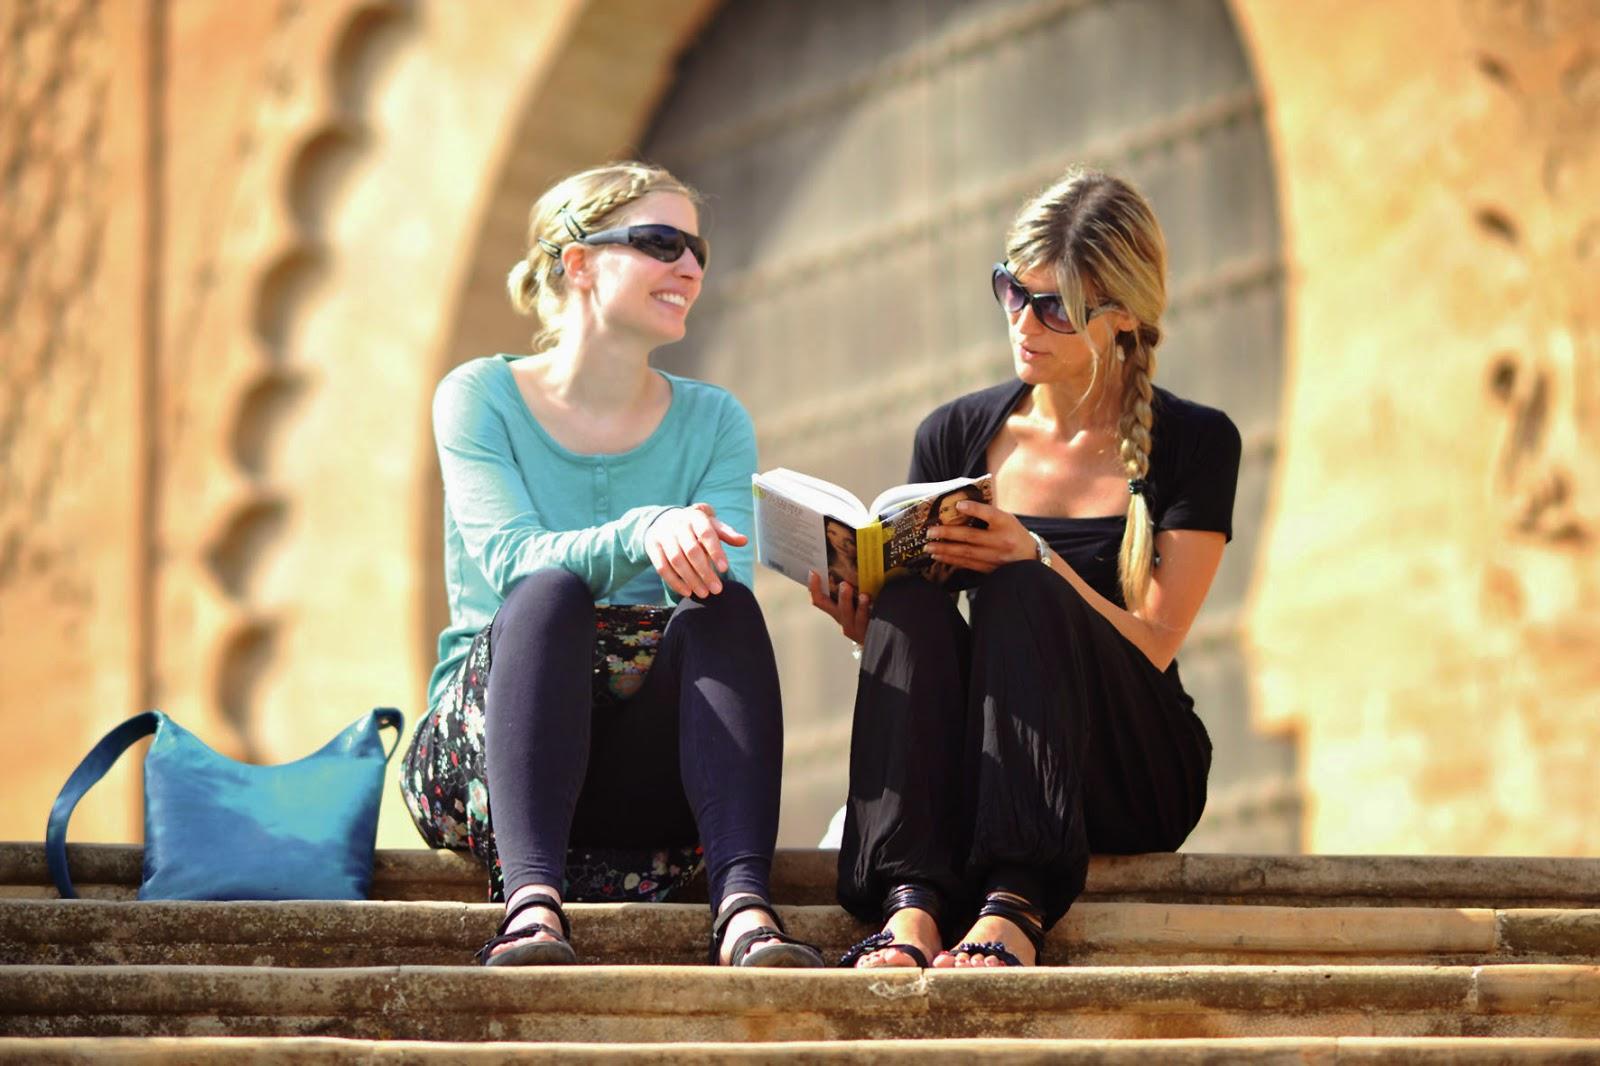 Fremde Sprachen im Austausch mit anderen einfacher lernen